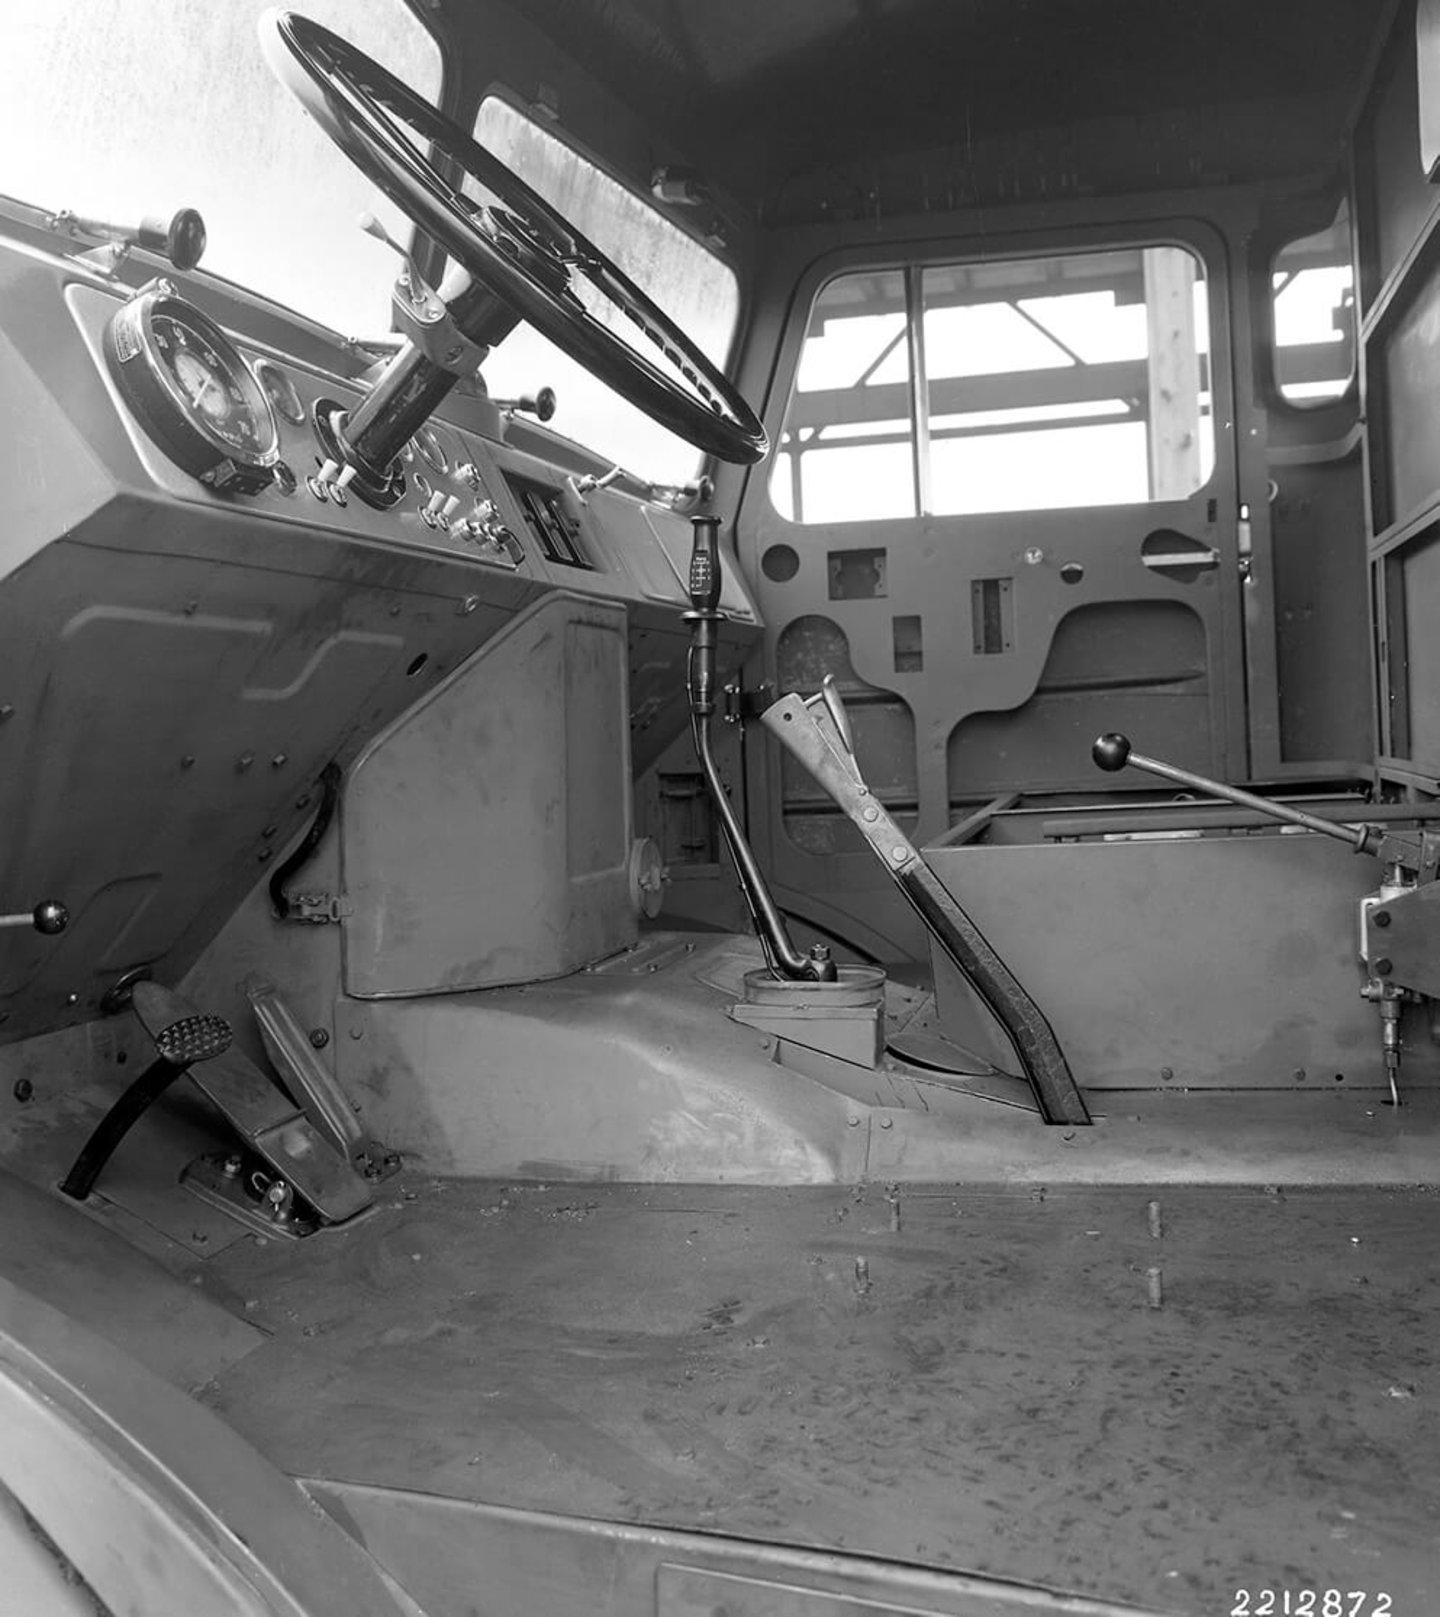 El compacto motor V8 de los MAN F8 permitía que el interior de su cabina fuese despejado y espacioso.